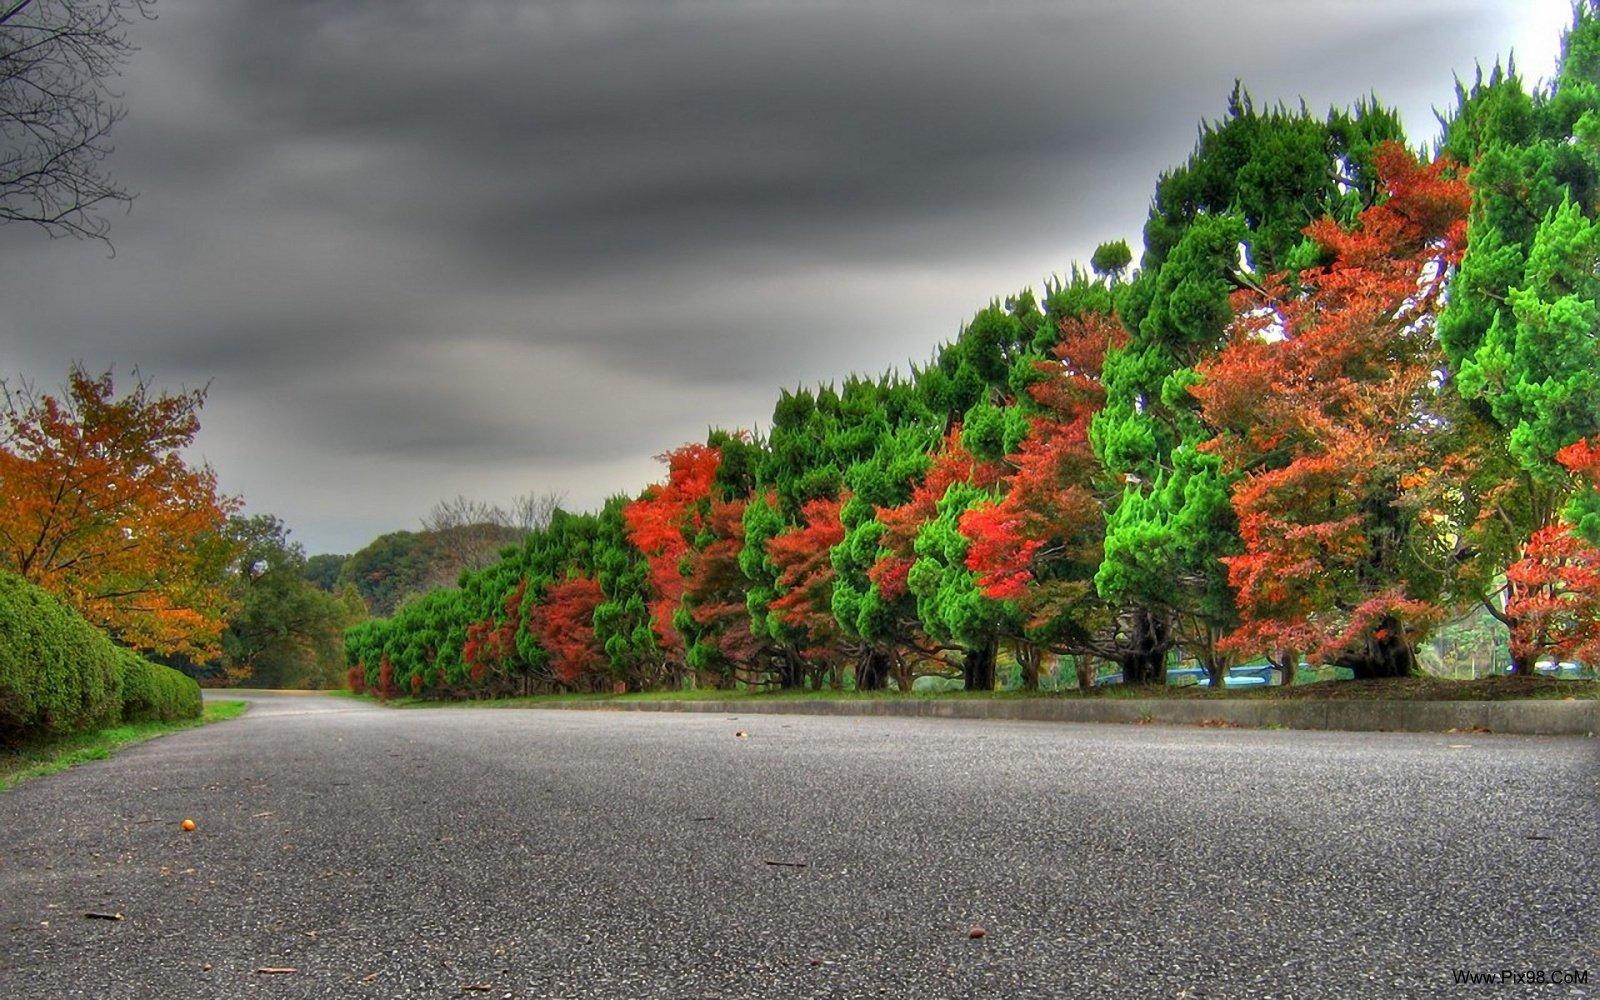 http://arashpic.persiangig.com/Nature/show/Www.Pix98.CoM_15.jpg